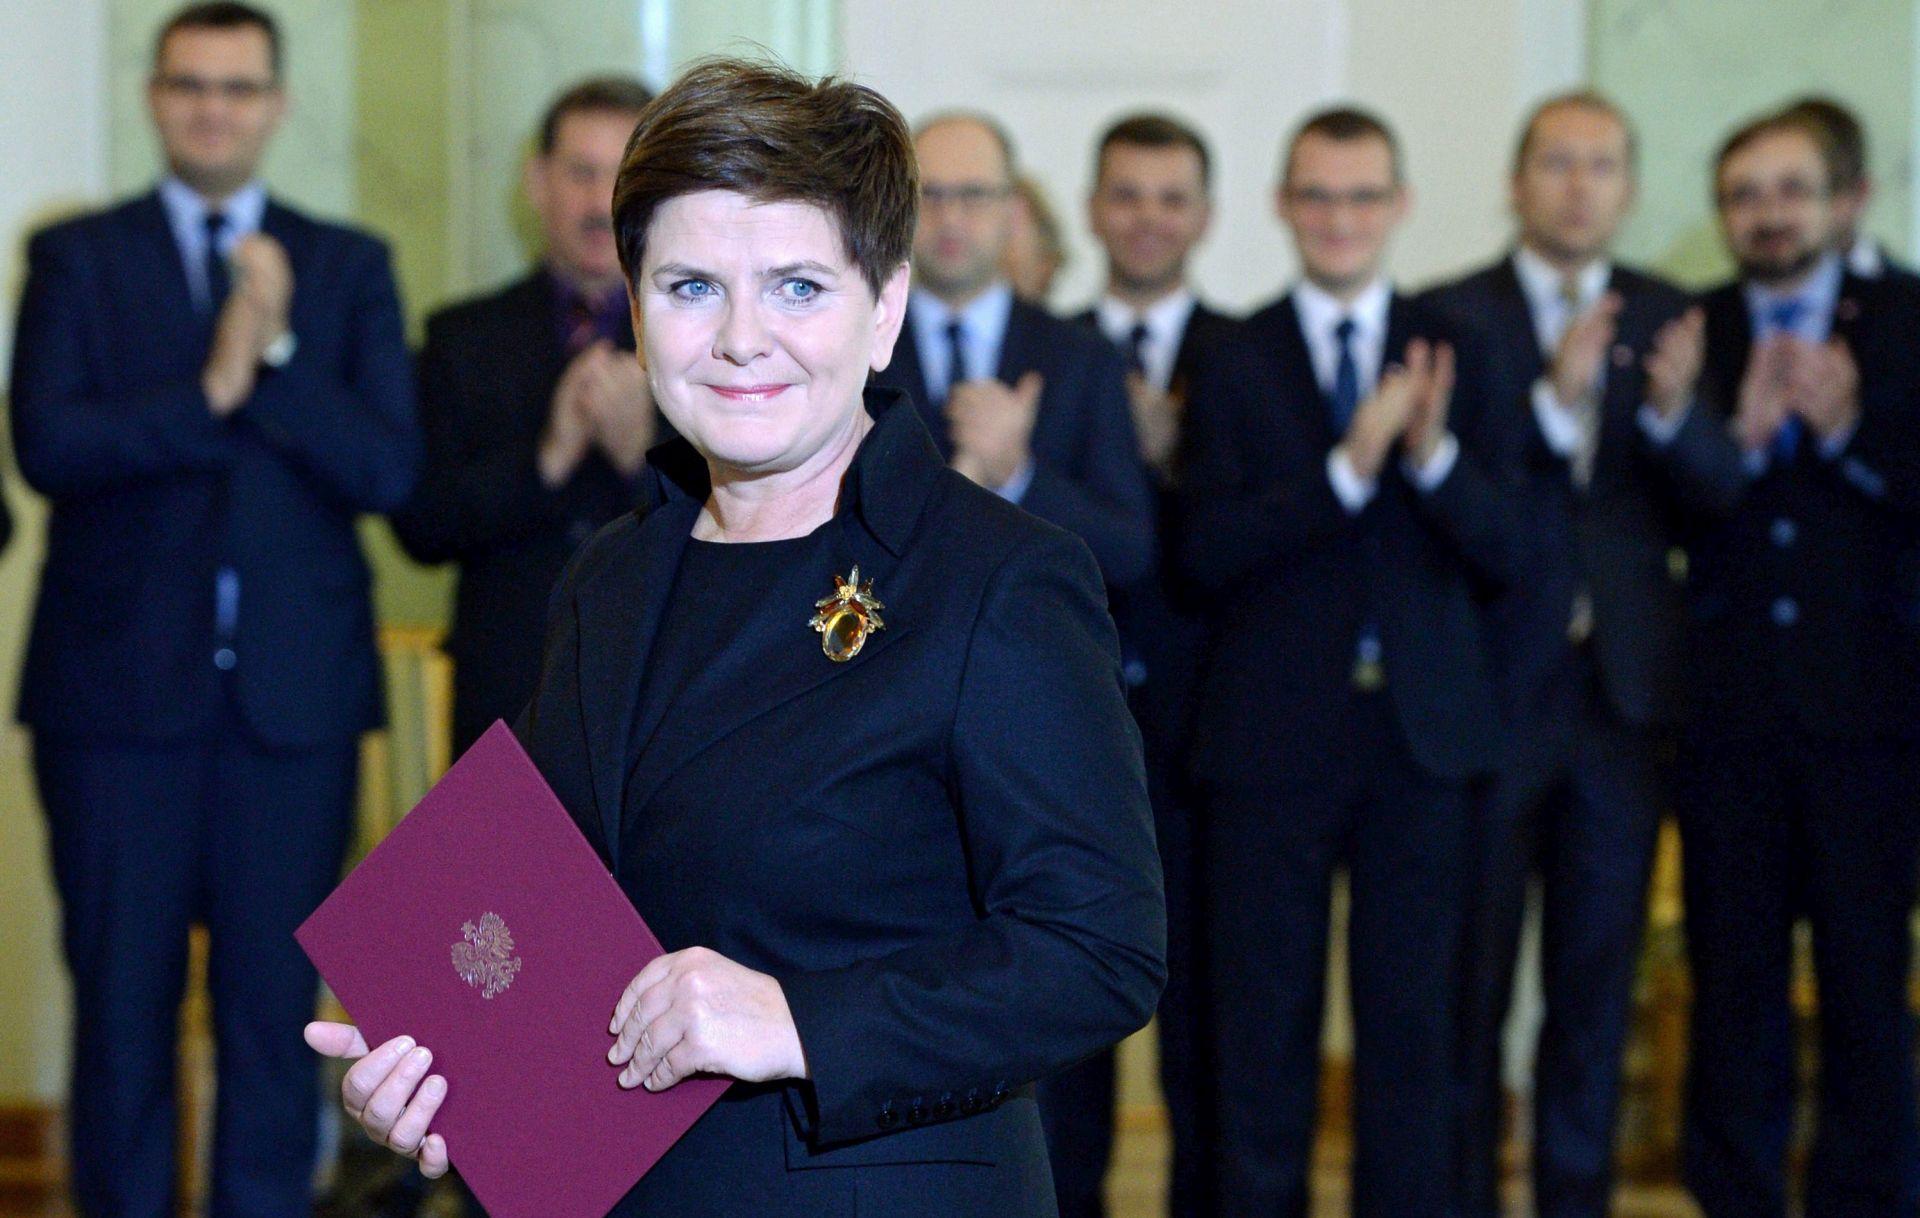 Poljski predsjednik premijerkom službeno imenovao Beatu Szydlo